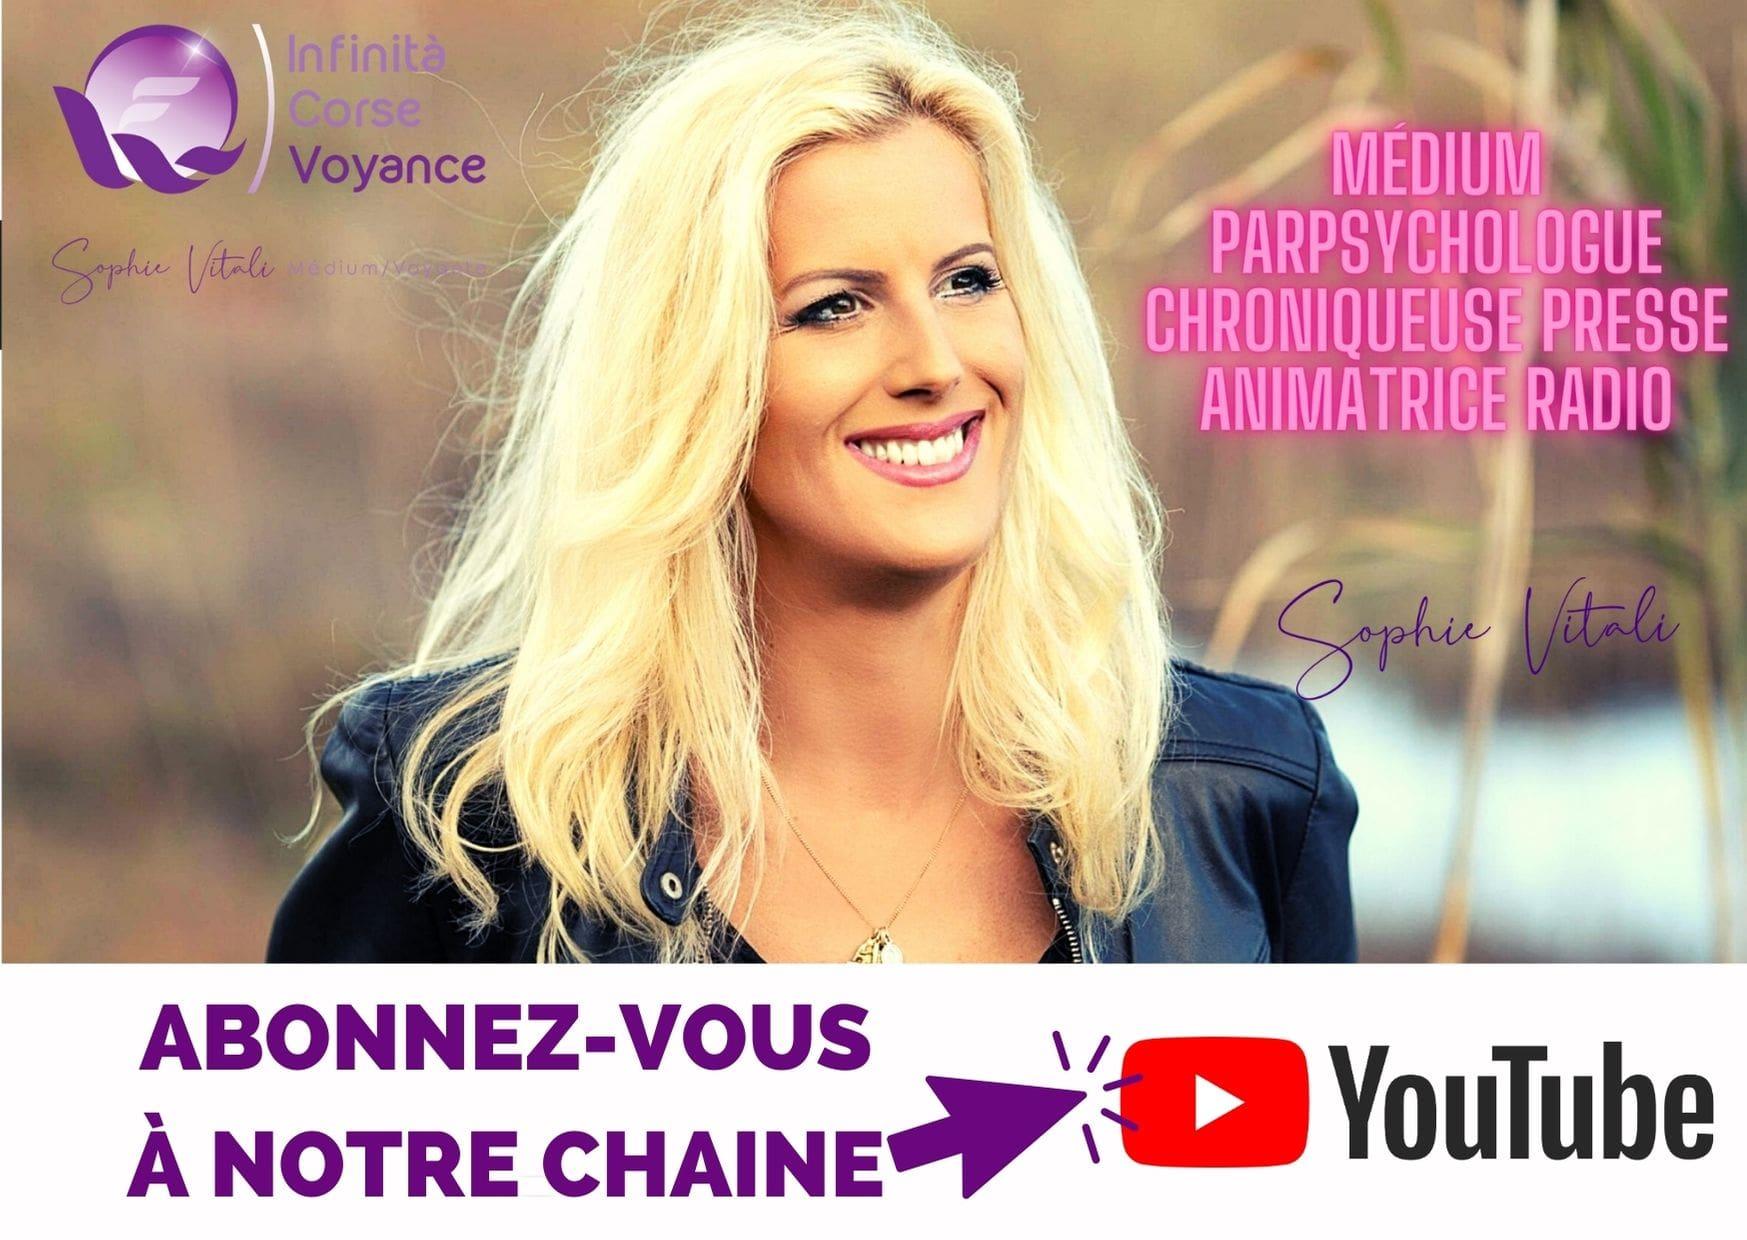 Abonnez-vous à la chaine YouTube : Sophie Vitali Medium Voyante !